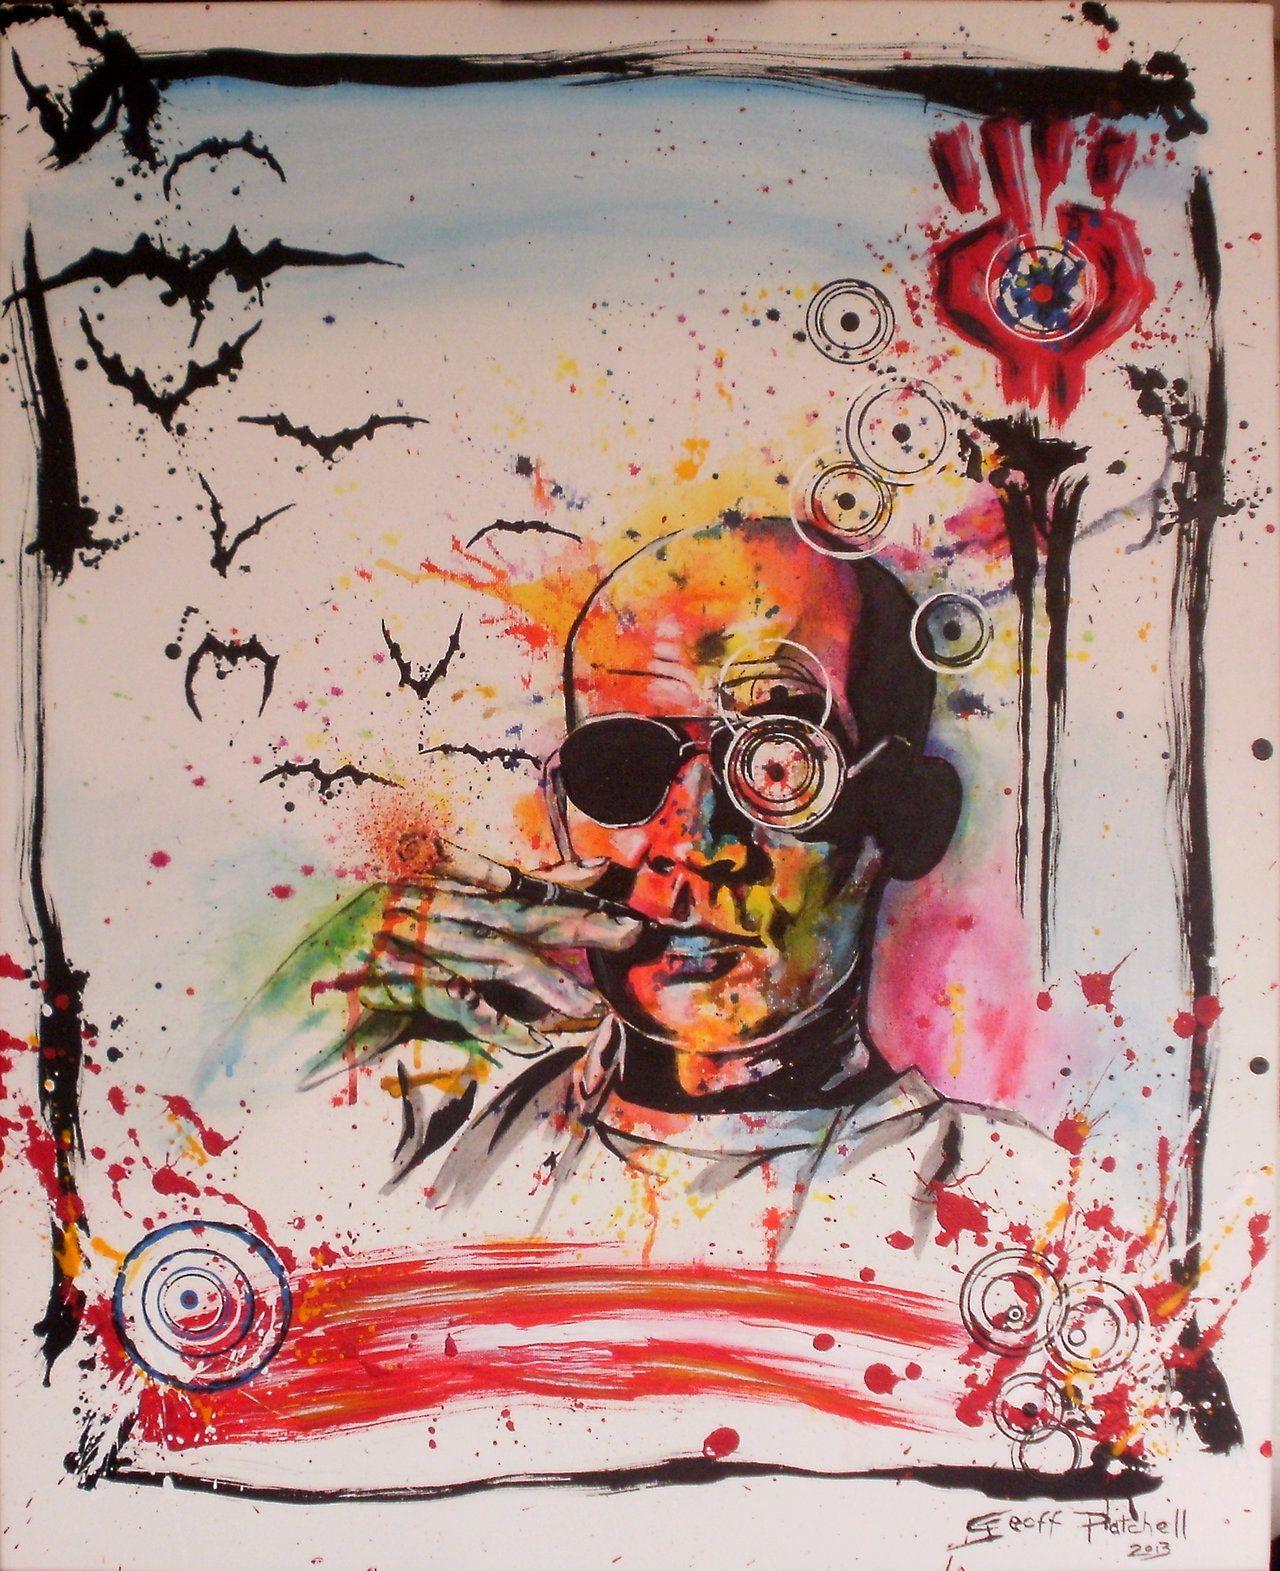 Art and fear lovers art emotional art